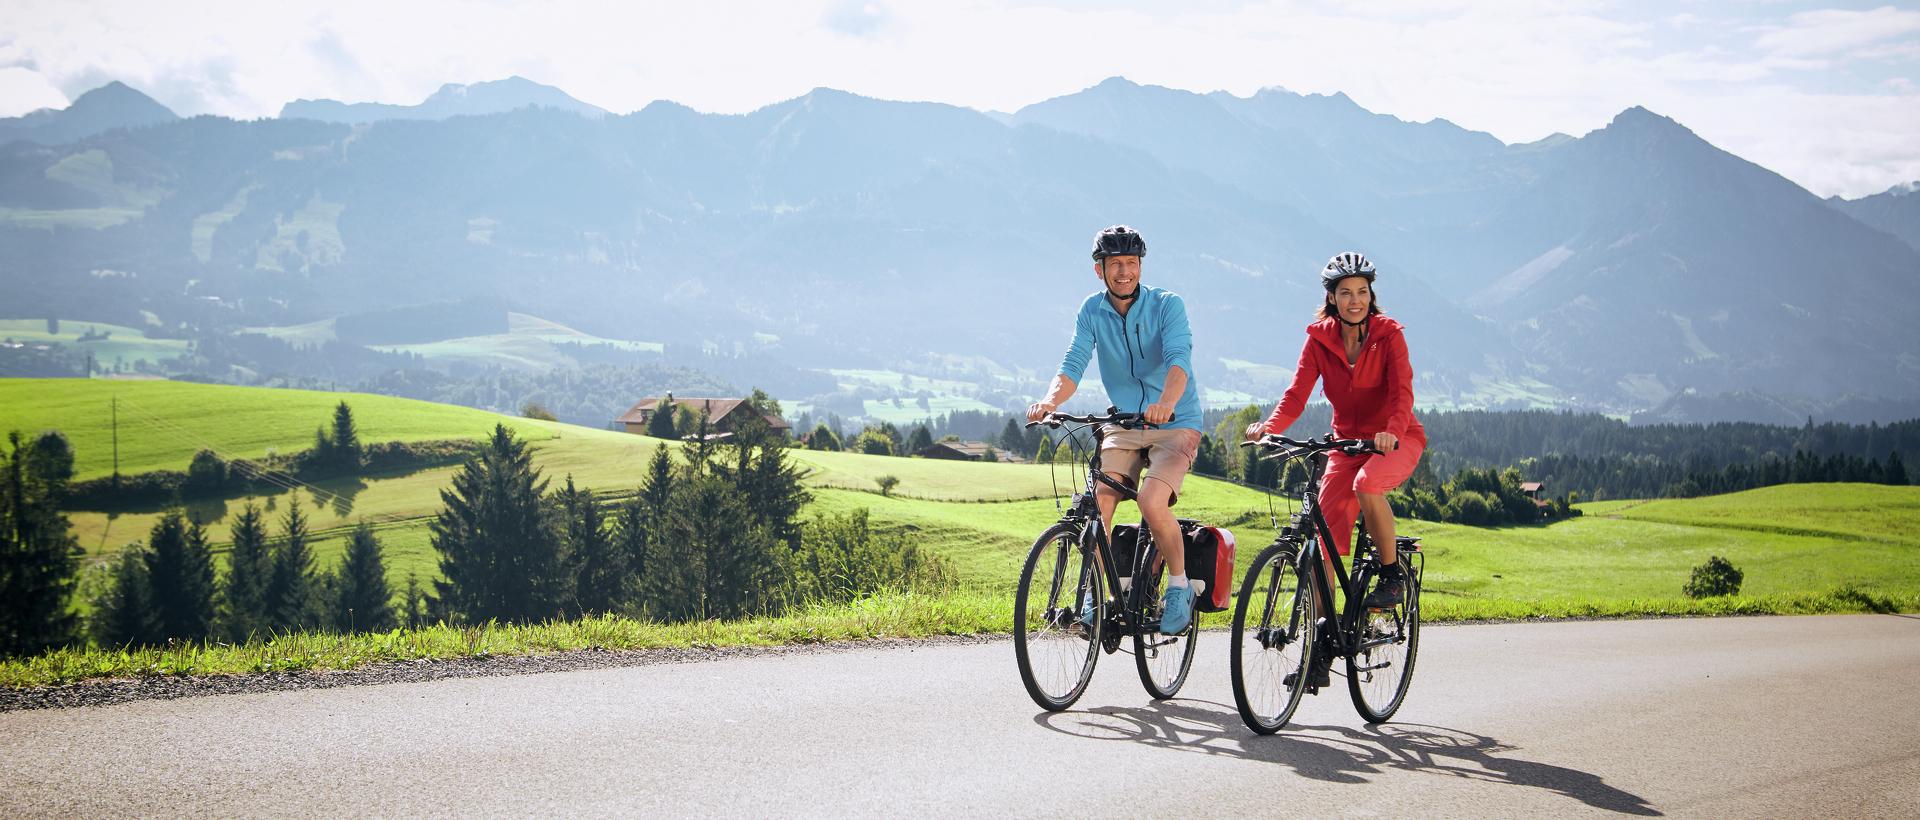 Zwei Radfahrer auf der Radrunde Allgäu © Allgäu GmbH; Christoph Gramann